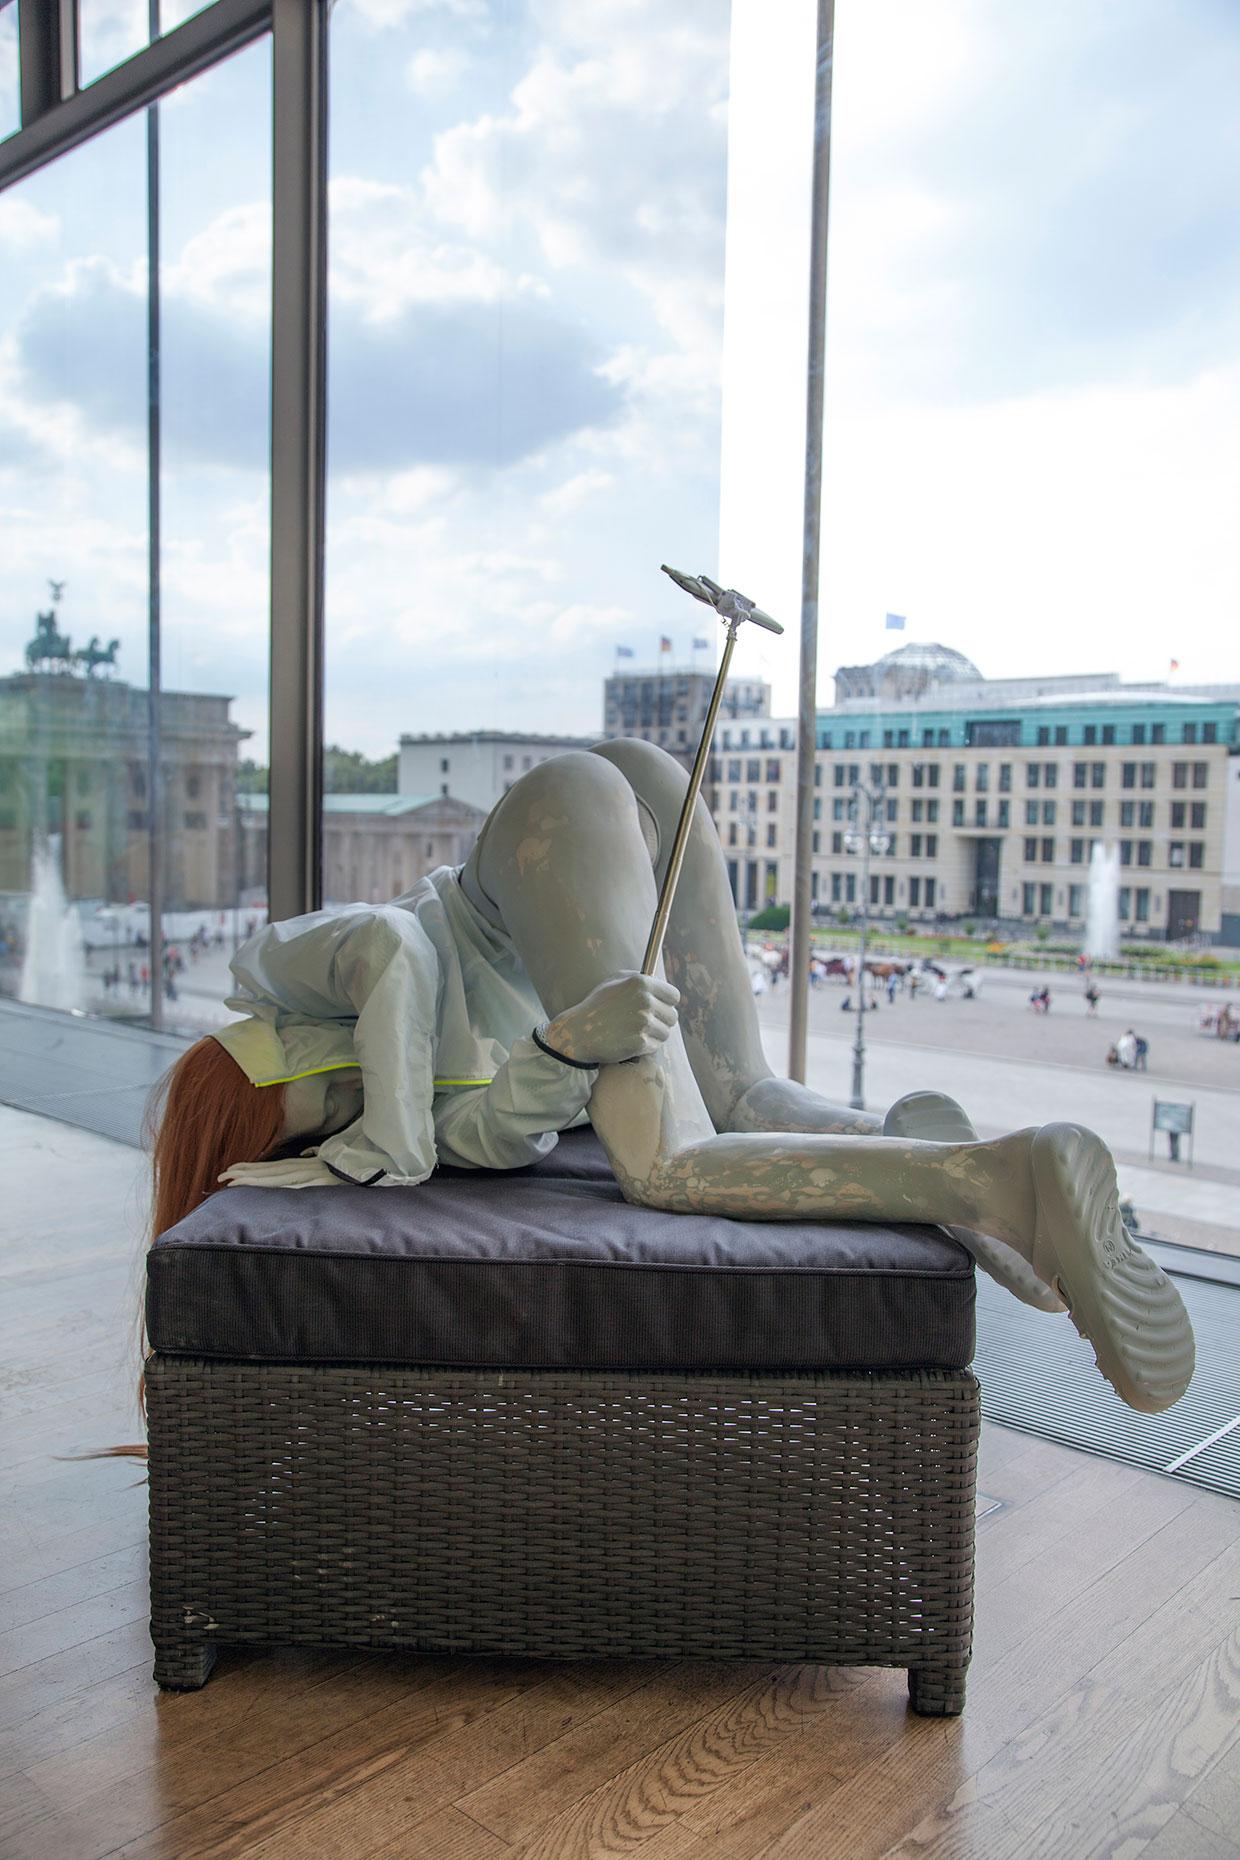 Anna Uddenberg, Selv-opdagelsesrejse, 2016. 9. Berlin Biennale for Samtidskunst, installationsbillede. Courtesy kunstneren og Kraupa-Tuskany Zeidler, Berlin. Foto: Timo Ohler